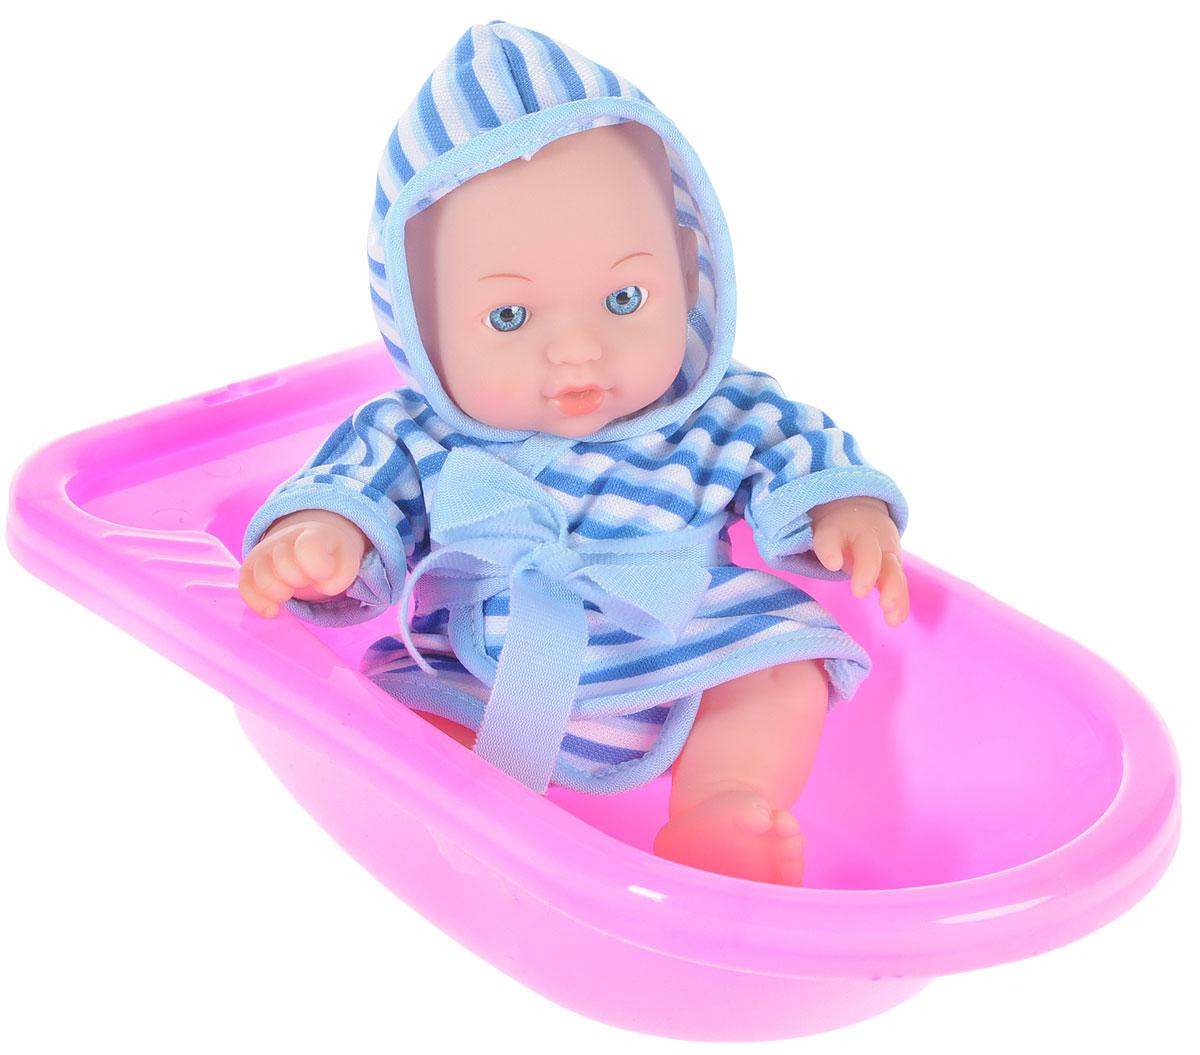 Карапуз Игровой набор с куклой Пупс в ванночке цвет розовый голубой bambolina игровой набор с куклой пупс в ванночке